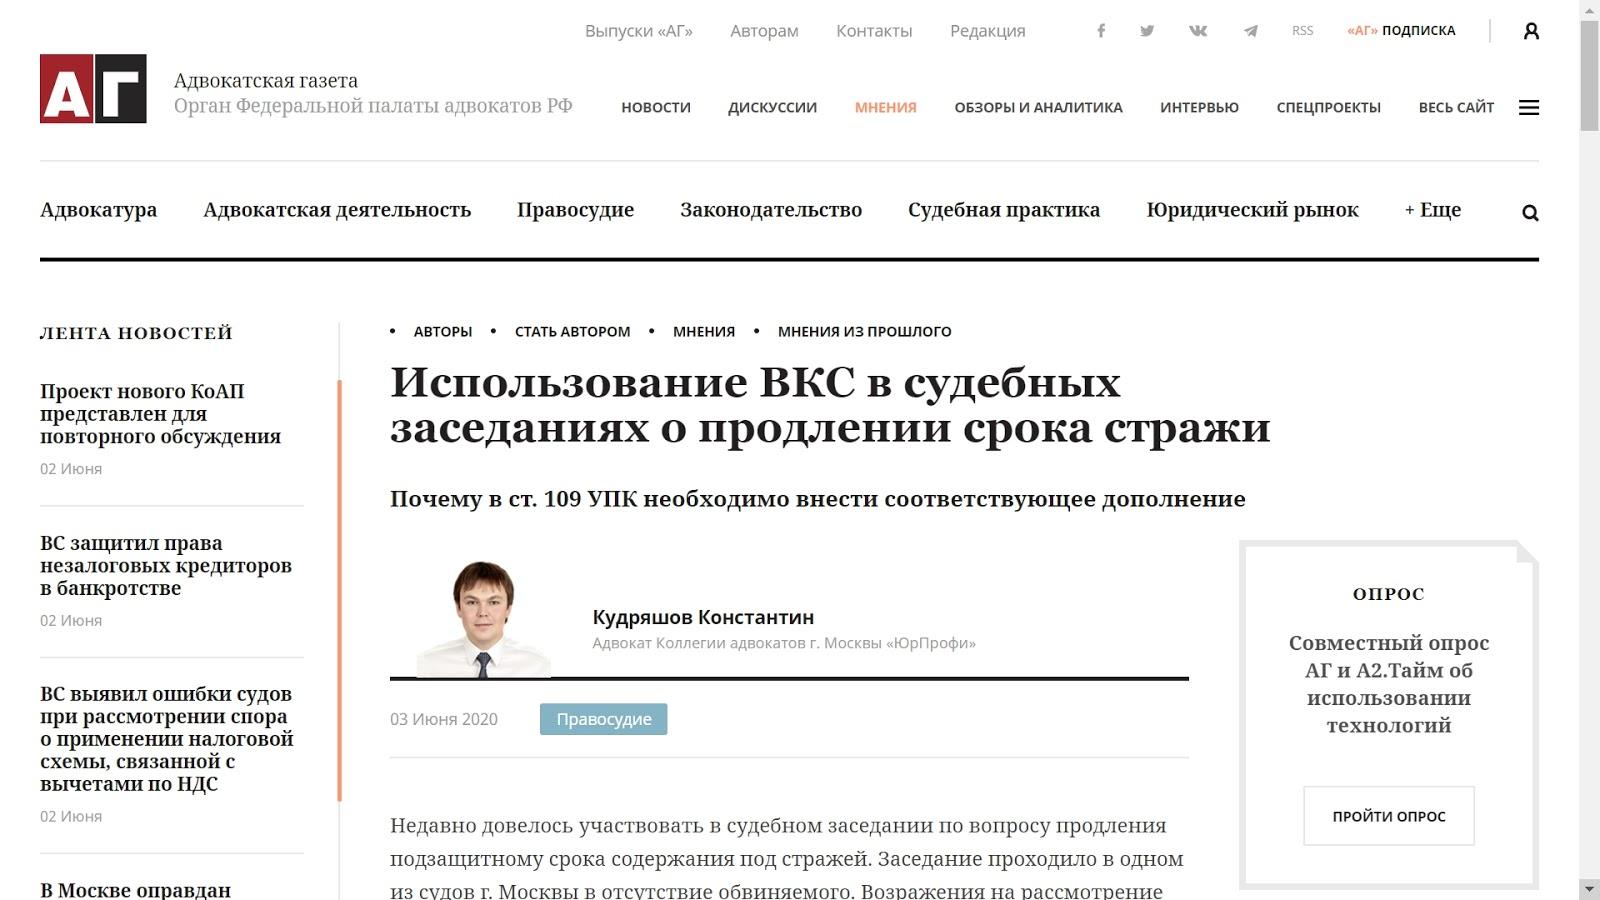 Адвокат Кудряшов Константин Александрович (Москва) - публикация мнения в Новой адвокатской газете